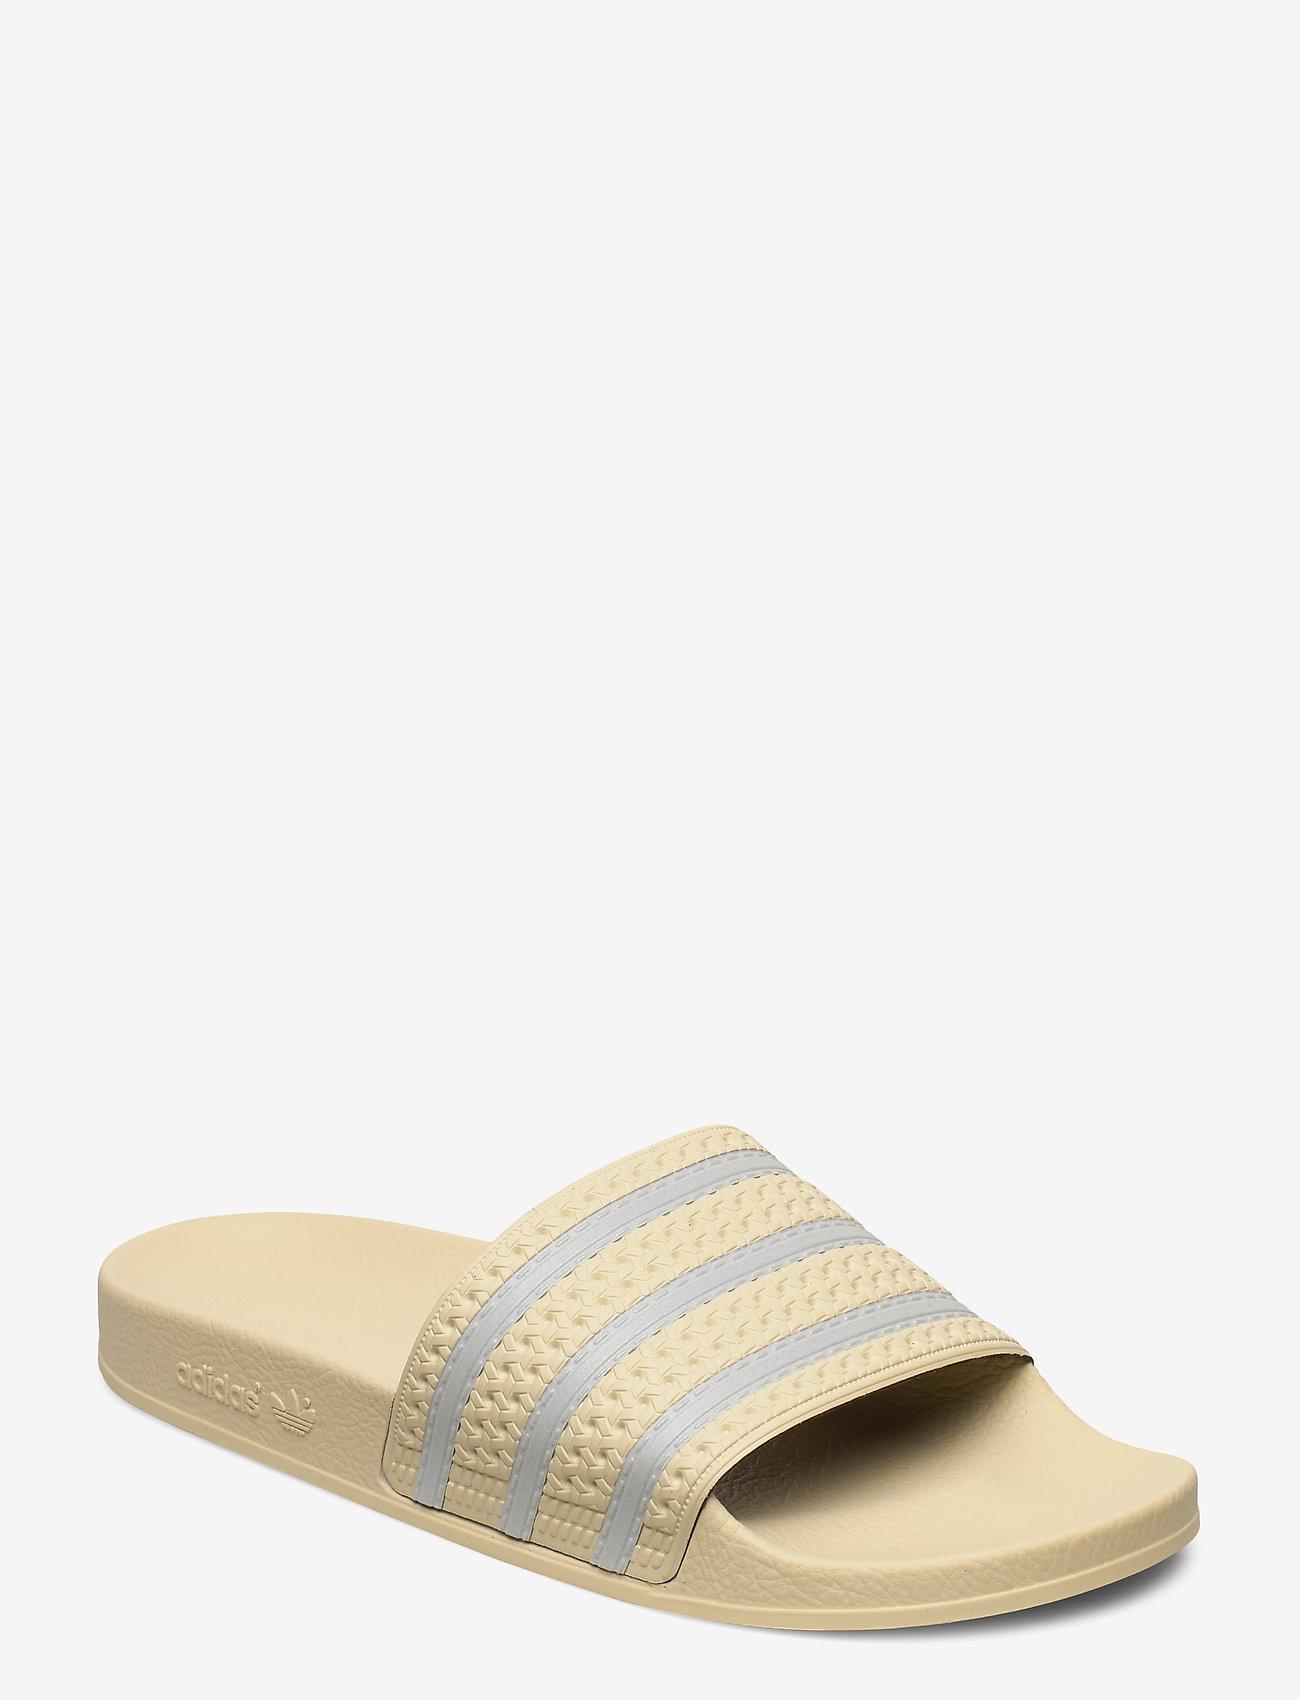 adidas Originals - ADILETTE - pool sliders - sand/supcol/sand - 0